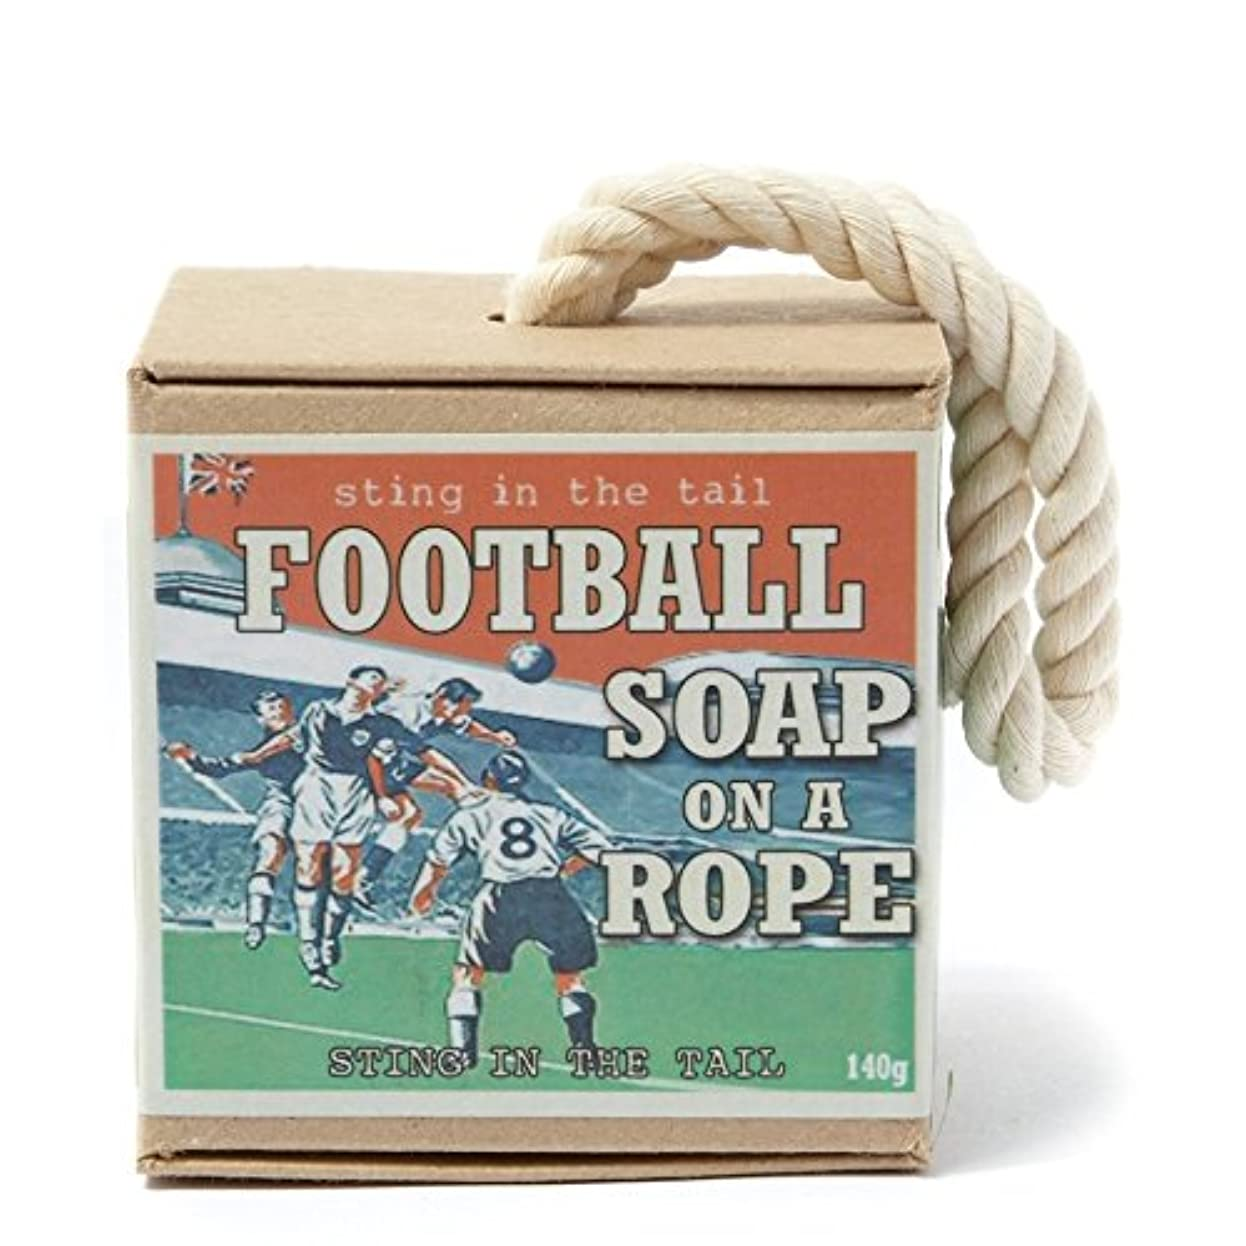 バラエティ近傍聖歌ロープ石鹸のテールサッカーで刺します x4 - Sting In The Tail Football on a Rope Soap (Pack of 4) [並行輸入品]